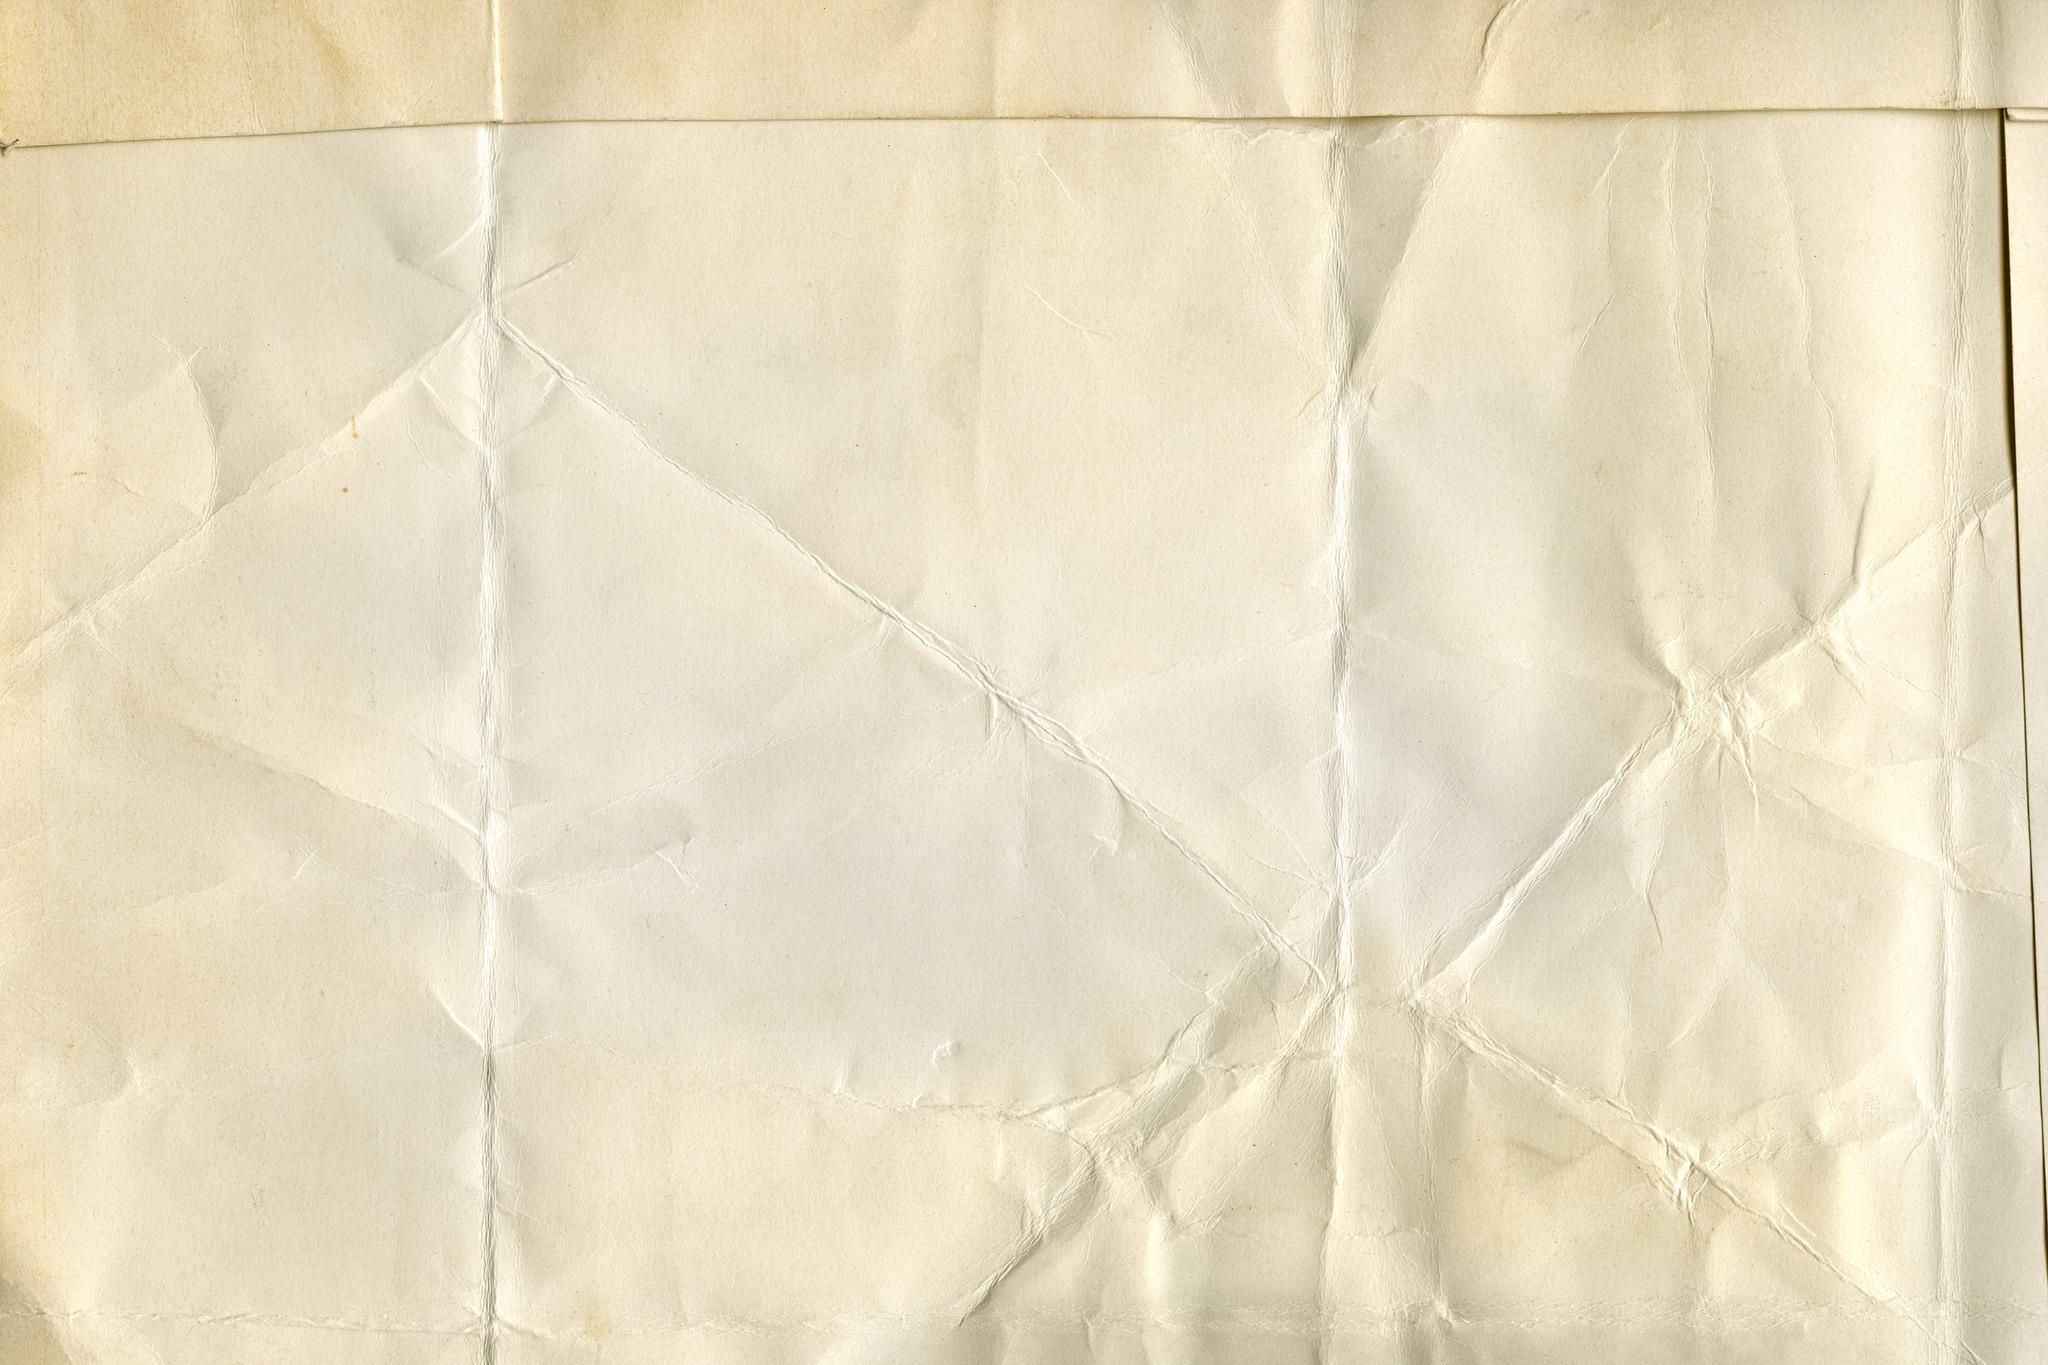 「古い紙の折れ目や皺」